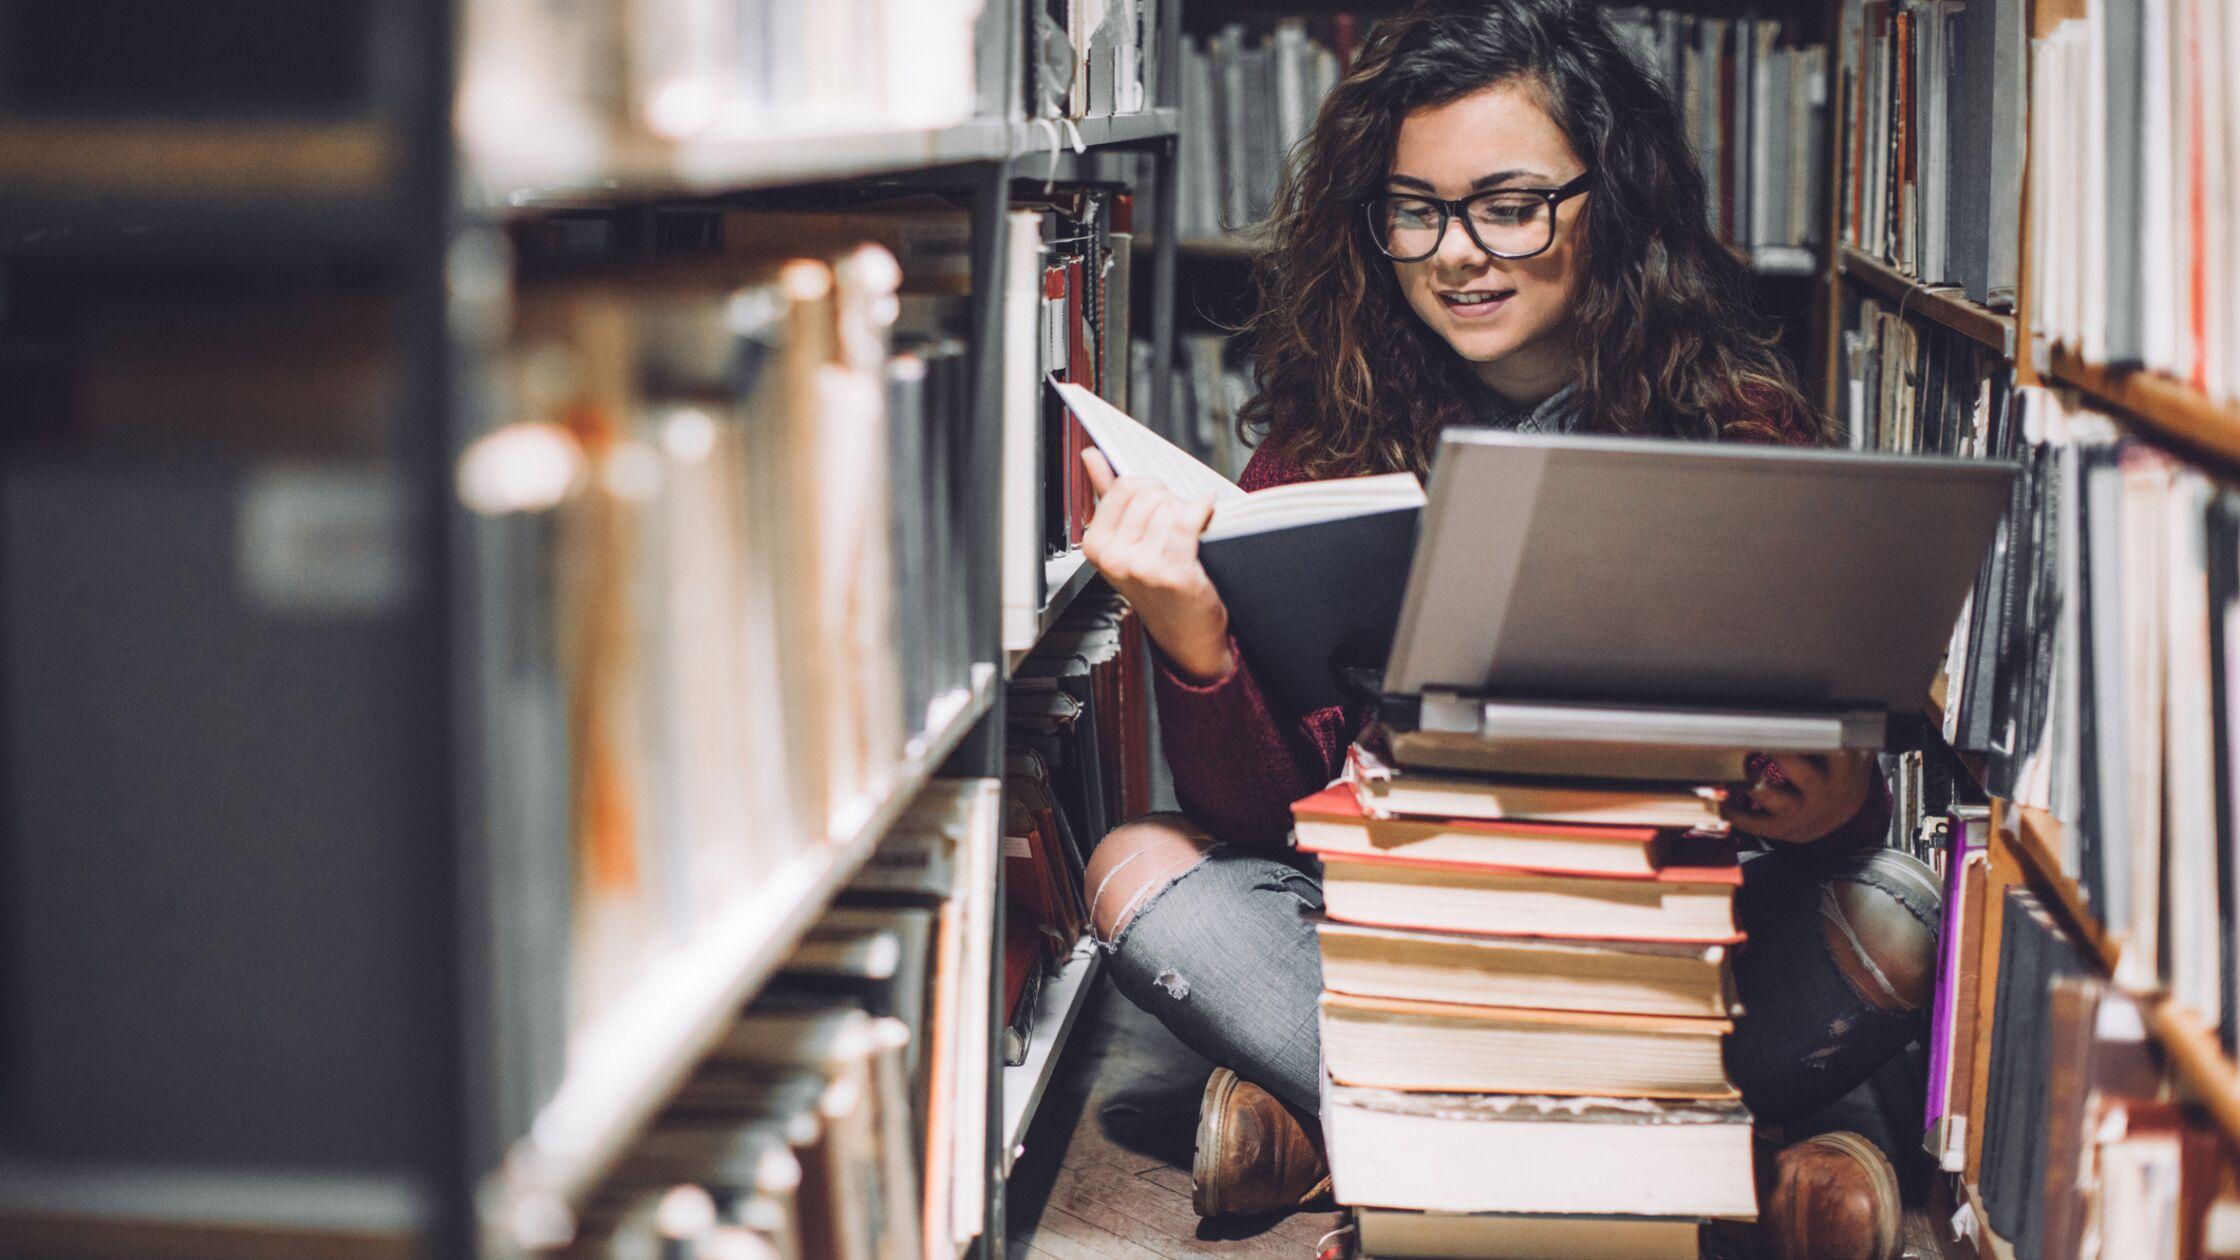 Weibliche Studentin sitzt mit Laptop auf dem Fußboden einer Bibliothek.